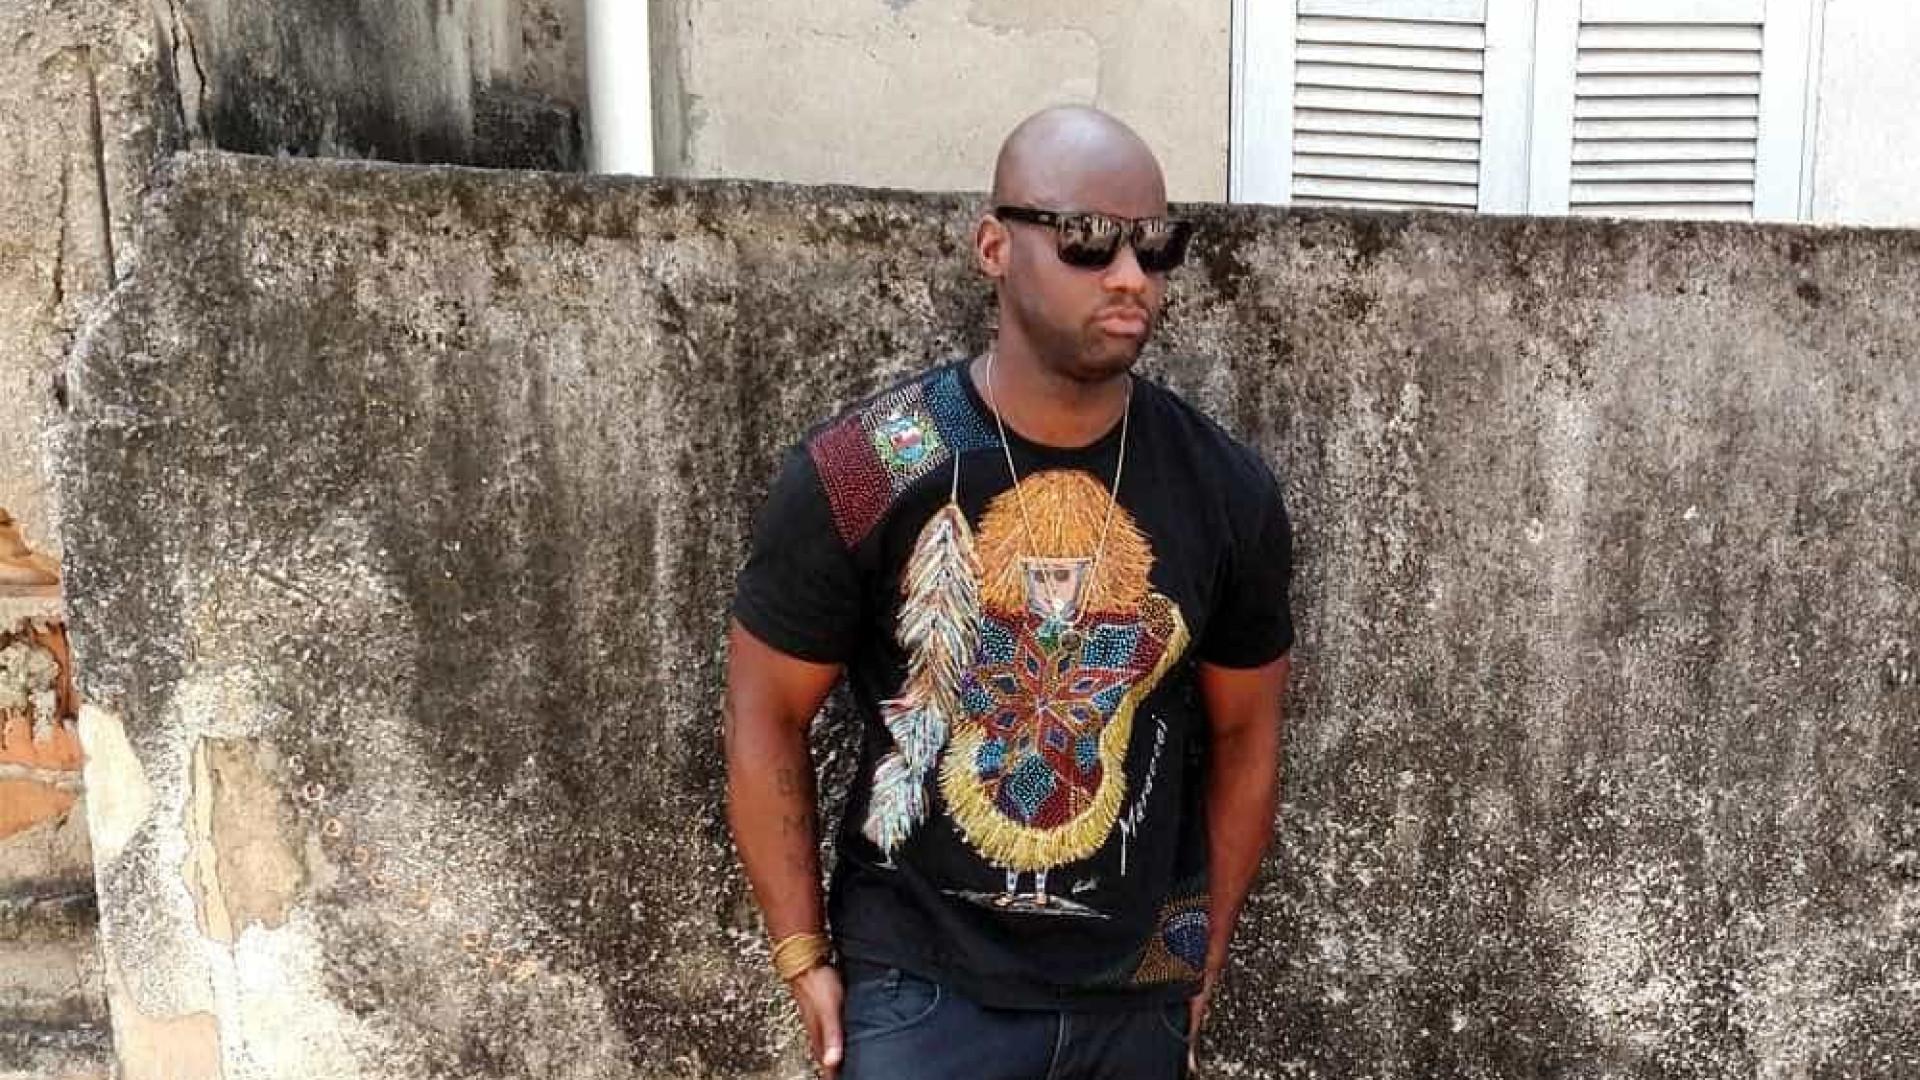 Rapper Dughettu sofre preconceito e é 'atacado' por bananas